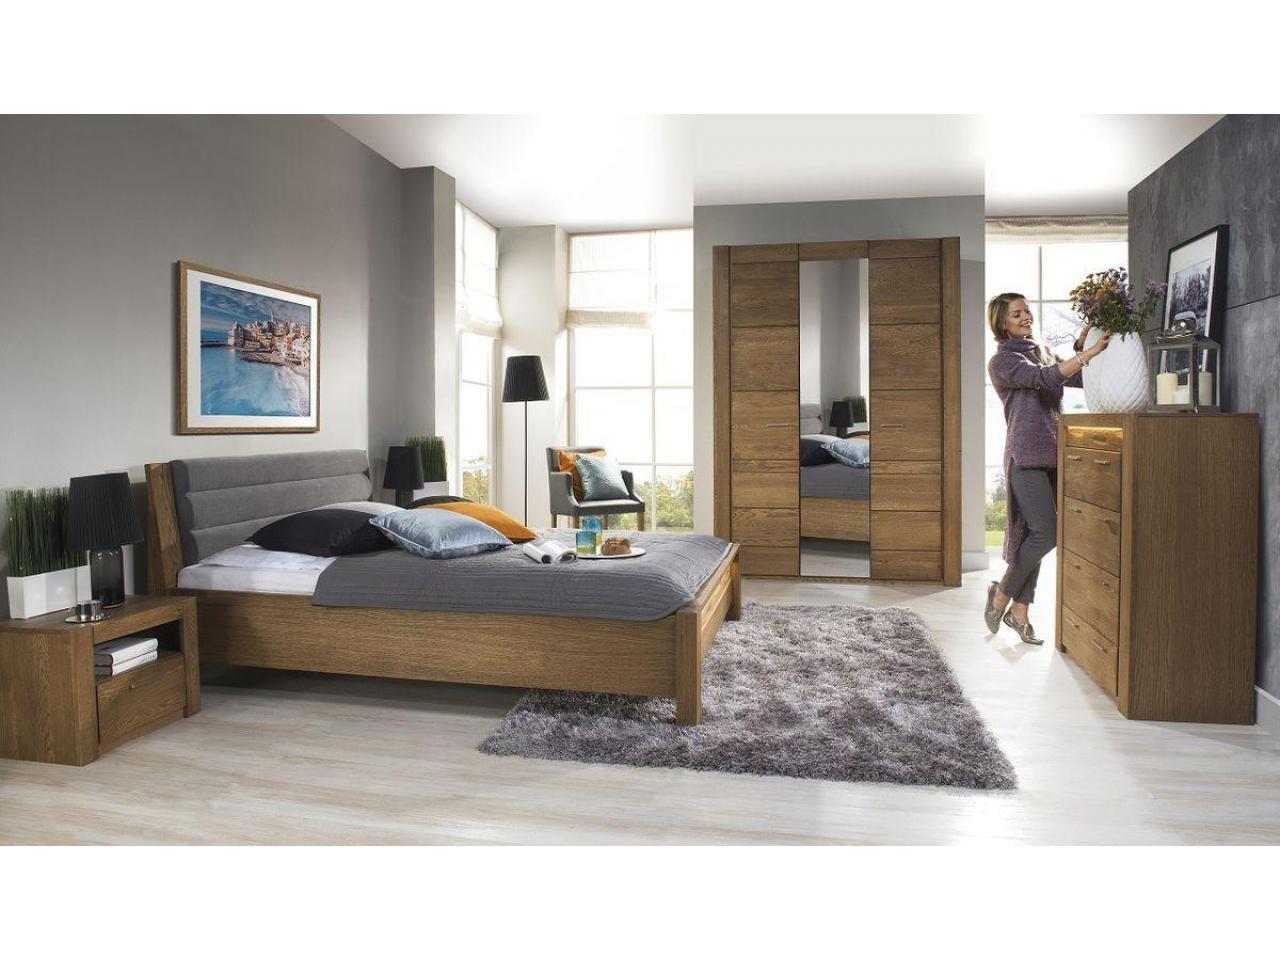 Furnipol -спальни по доступным ценам - 10